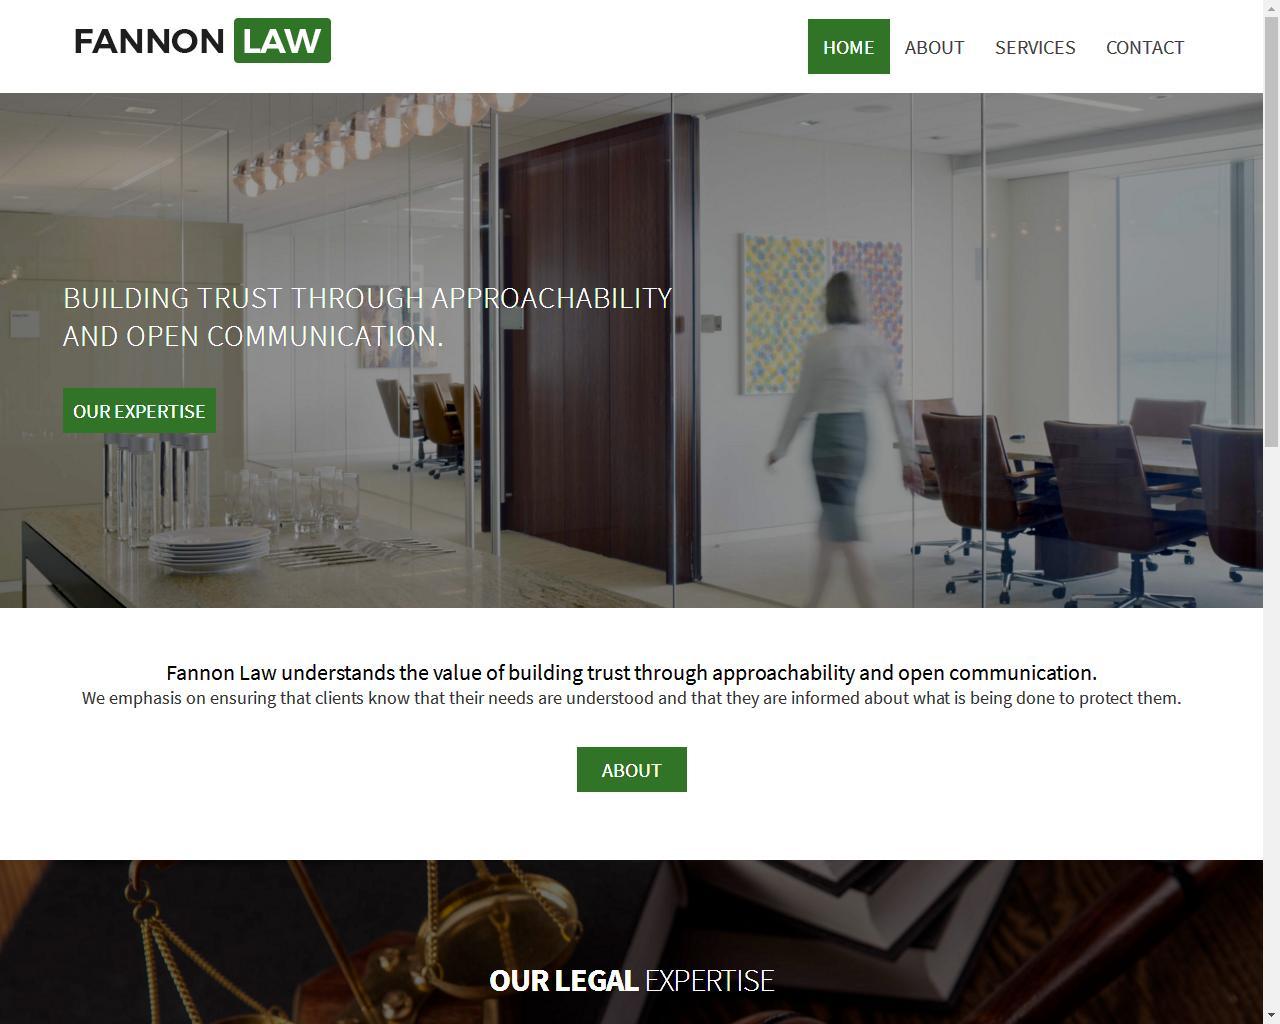 Fannon Law